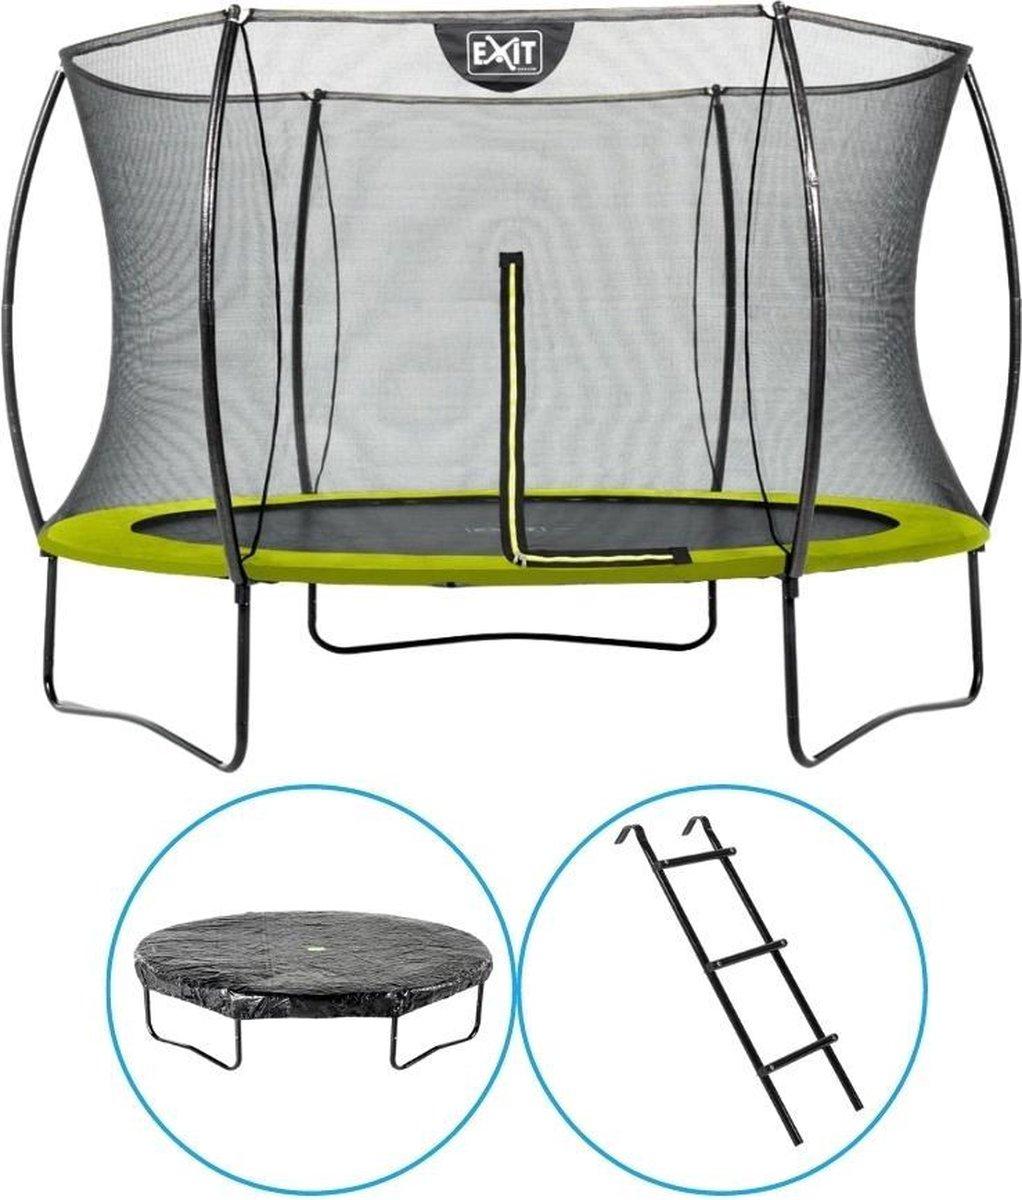 EXIT Toys - Trampoline Met Veiligheidsnet - Op Poten - Silhouette - Rond - ø305cm - Groen - Inclusief Ladder en Afdekhoes